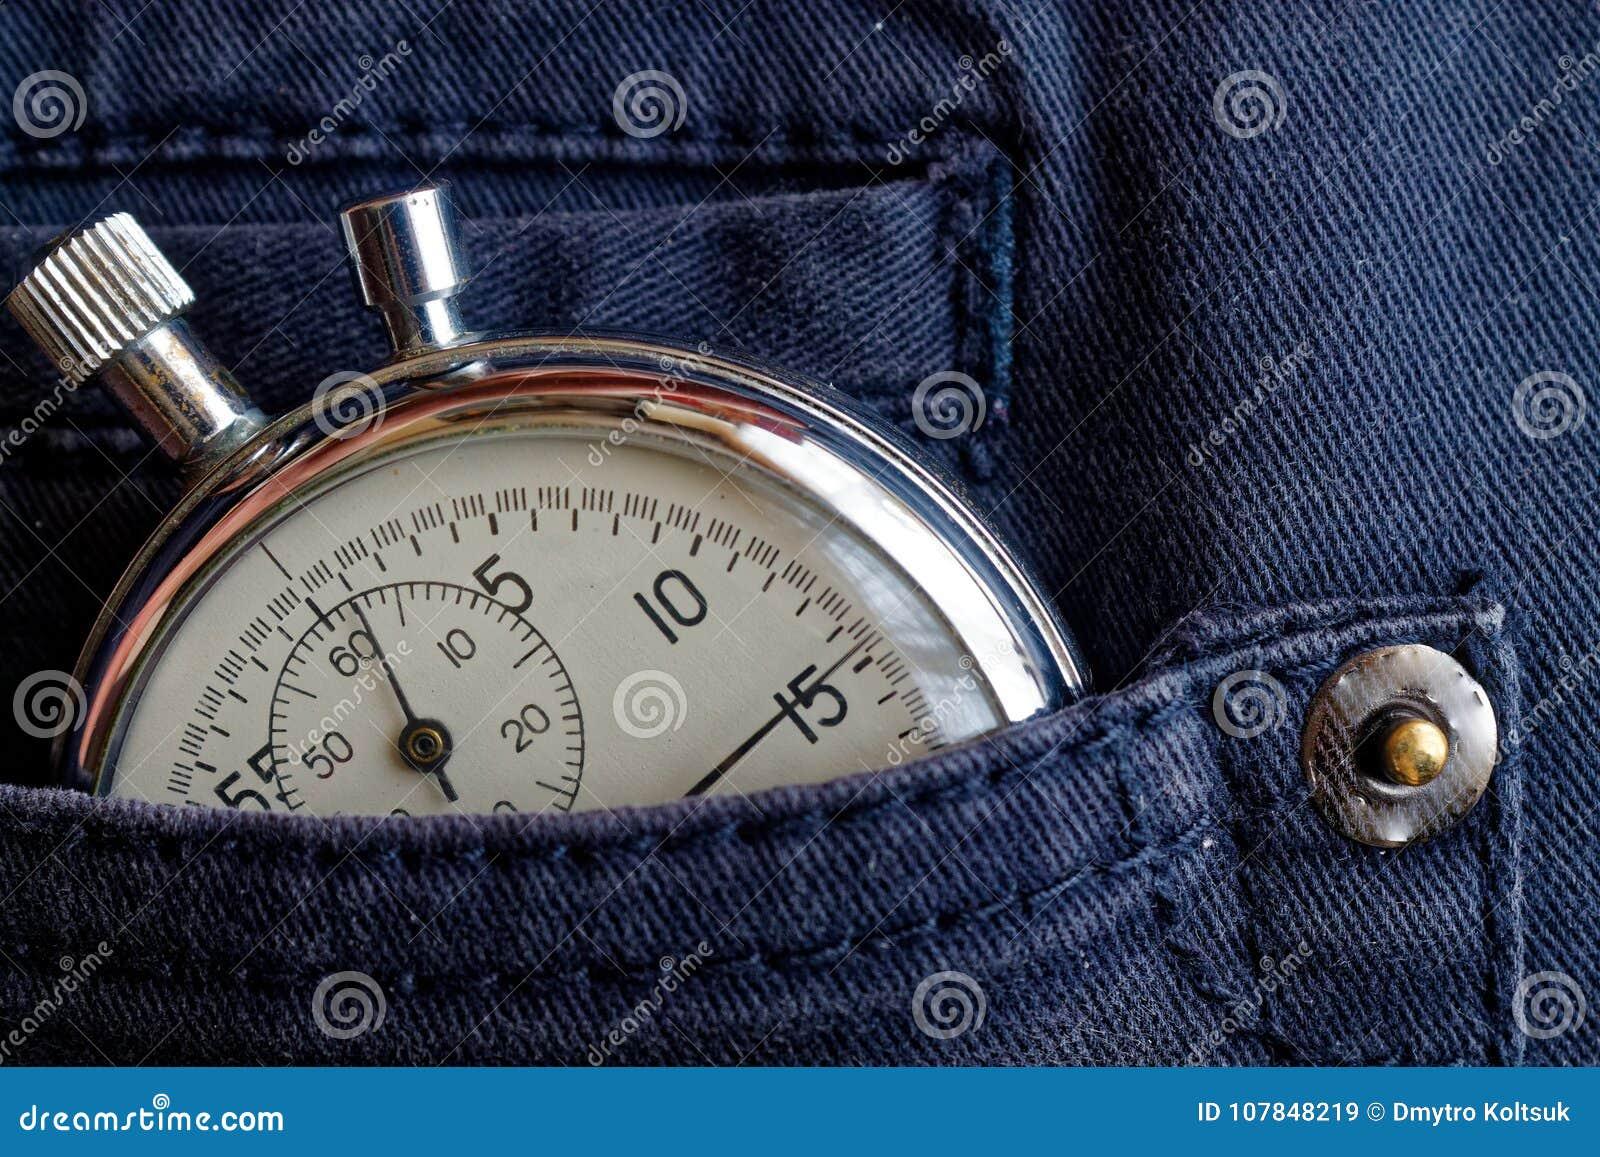 葡萄酒古董秒表,在蓝色牛仔裤装在口袋里,价值措施时间,老时钟箭头分钟,第二个准确性定时器纪录